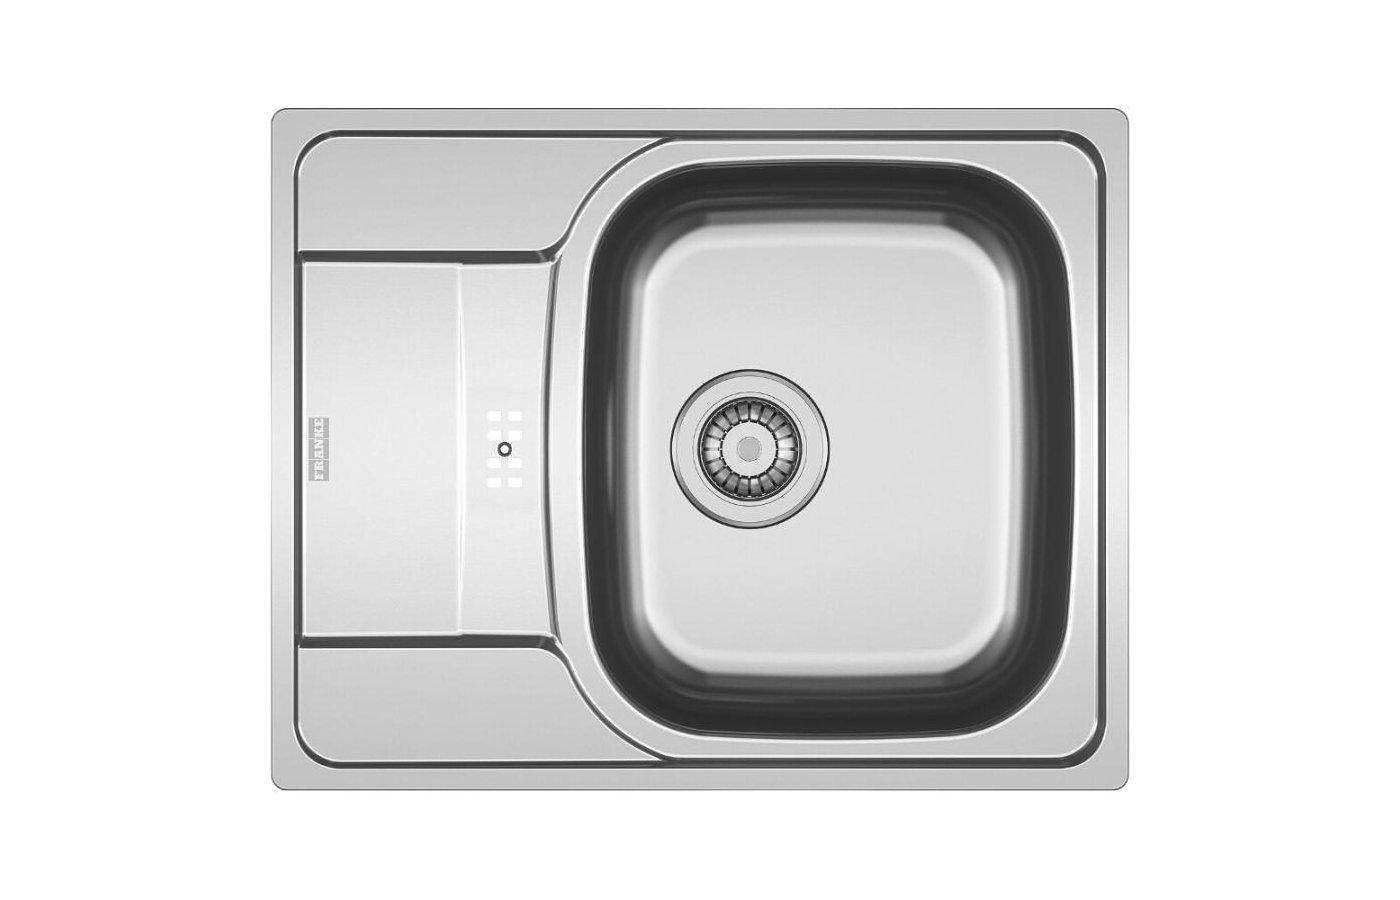 Кухонная мойка FRANKE POLAR PXL 614-60 Вентиль 3.5 + комплект для монтажа